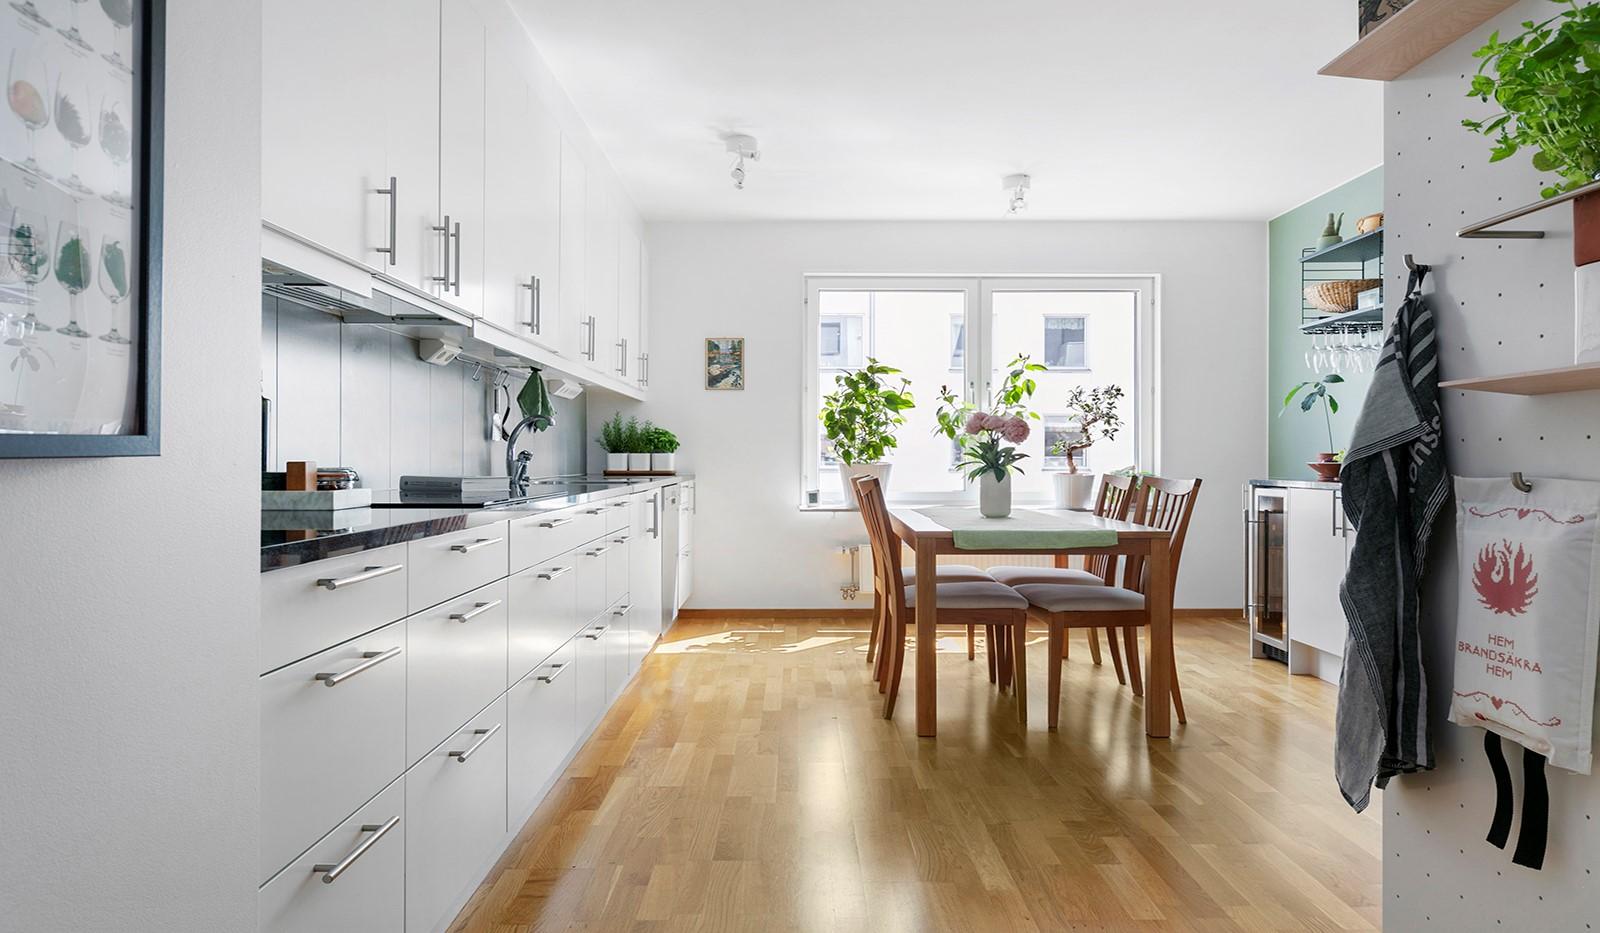 Marieviksgatan 44, 2 tr - Stilrent och rymligt kök